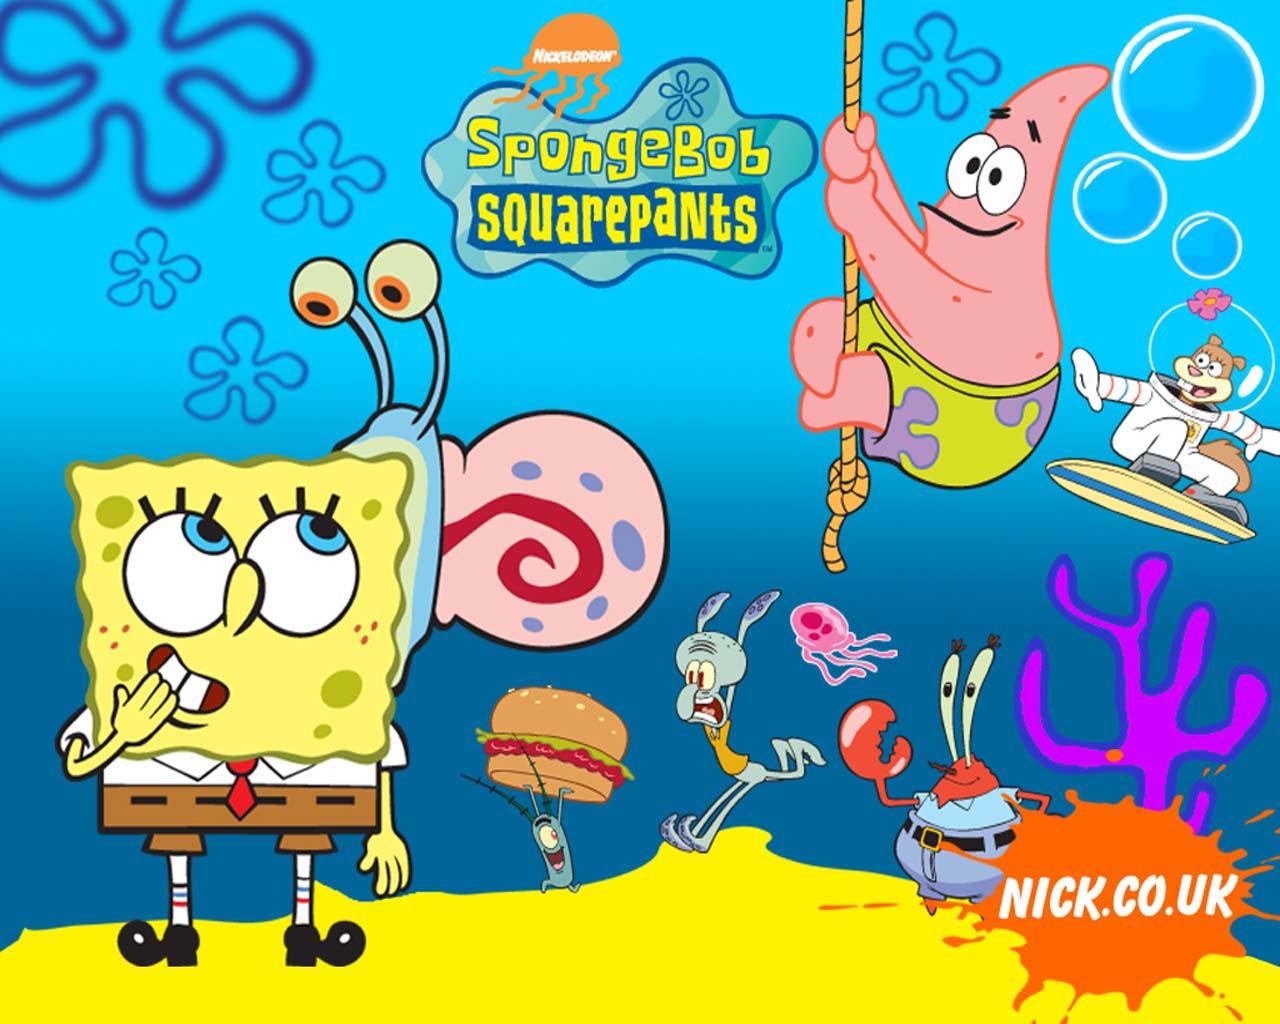 Gangster SpongeBob Wallpapers - WallpaperSafari